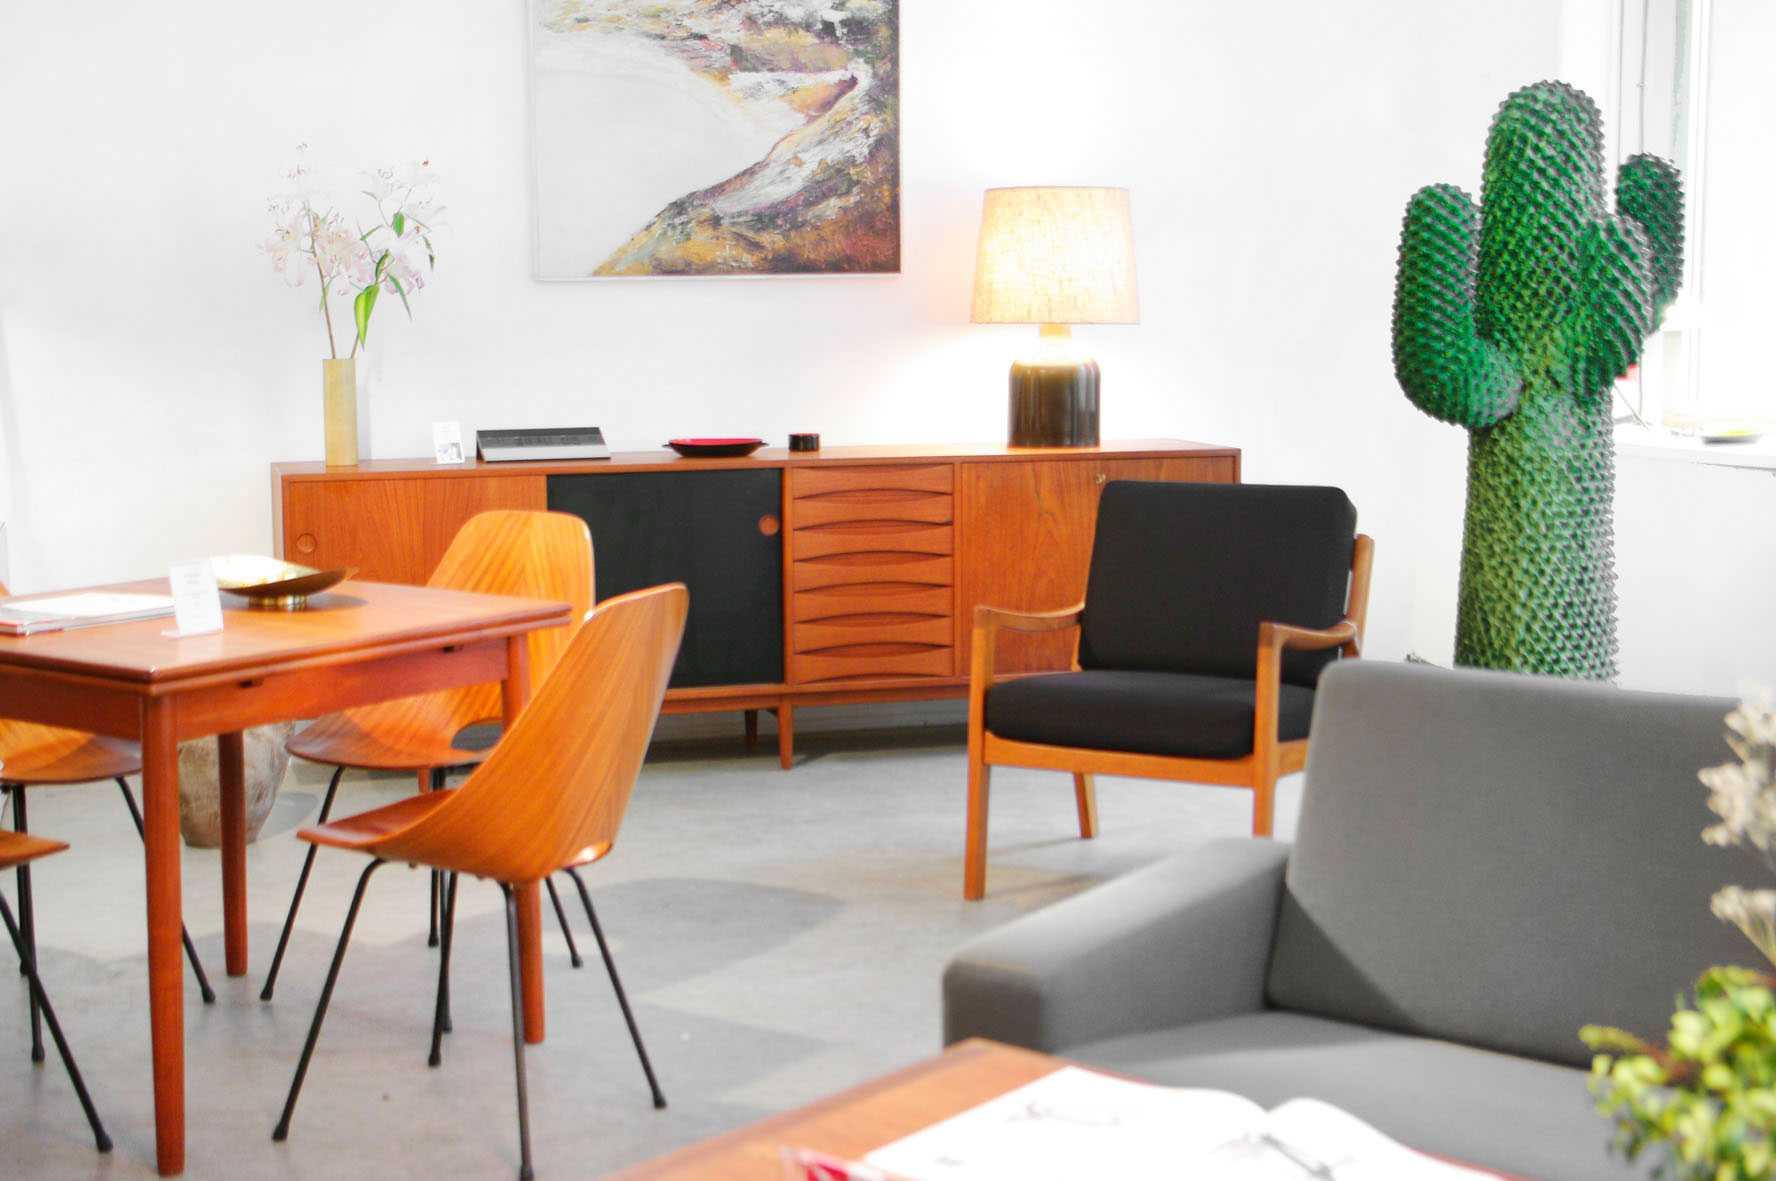 liebe m bel haben online shop shop m bel bei pamono. Black Bedroom Furniture Sets. Home Design Ideas